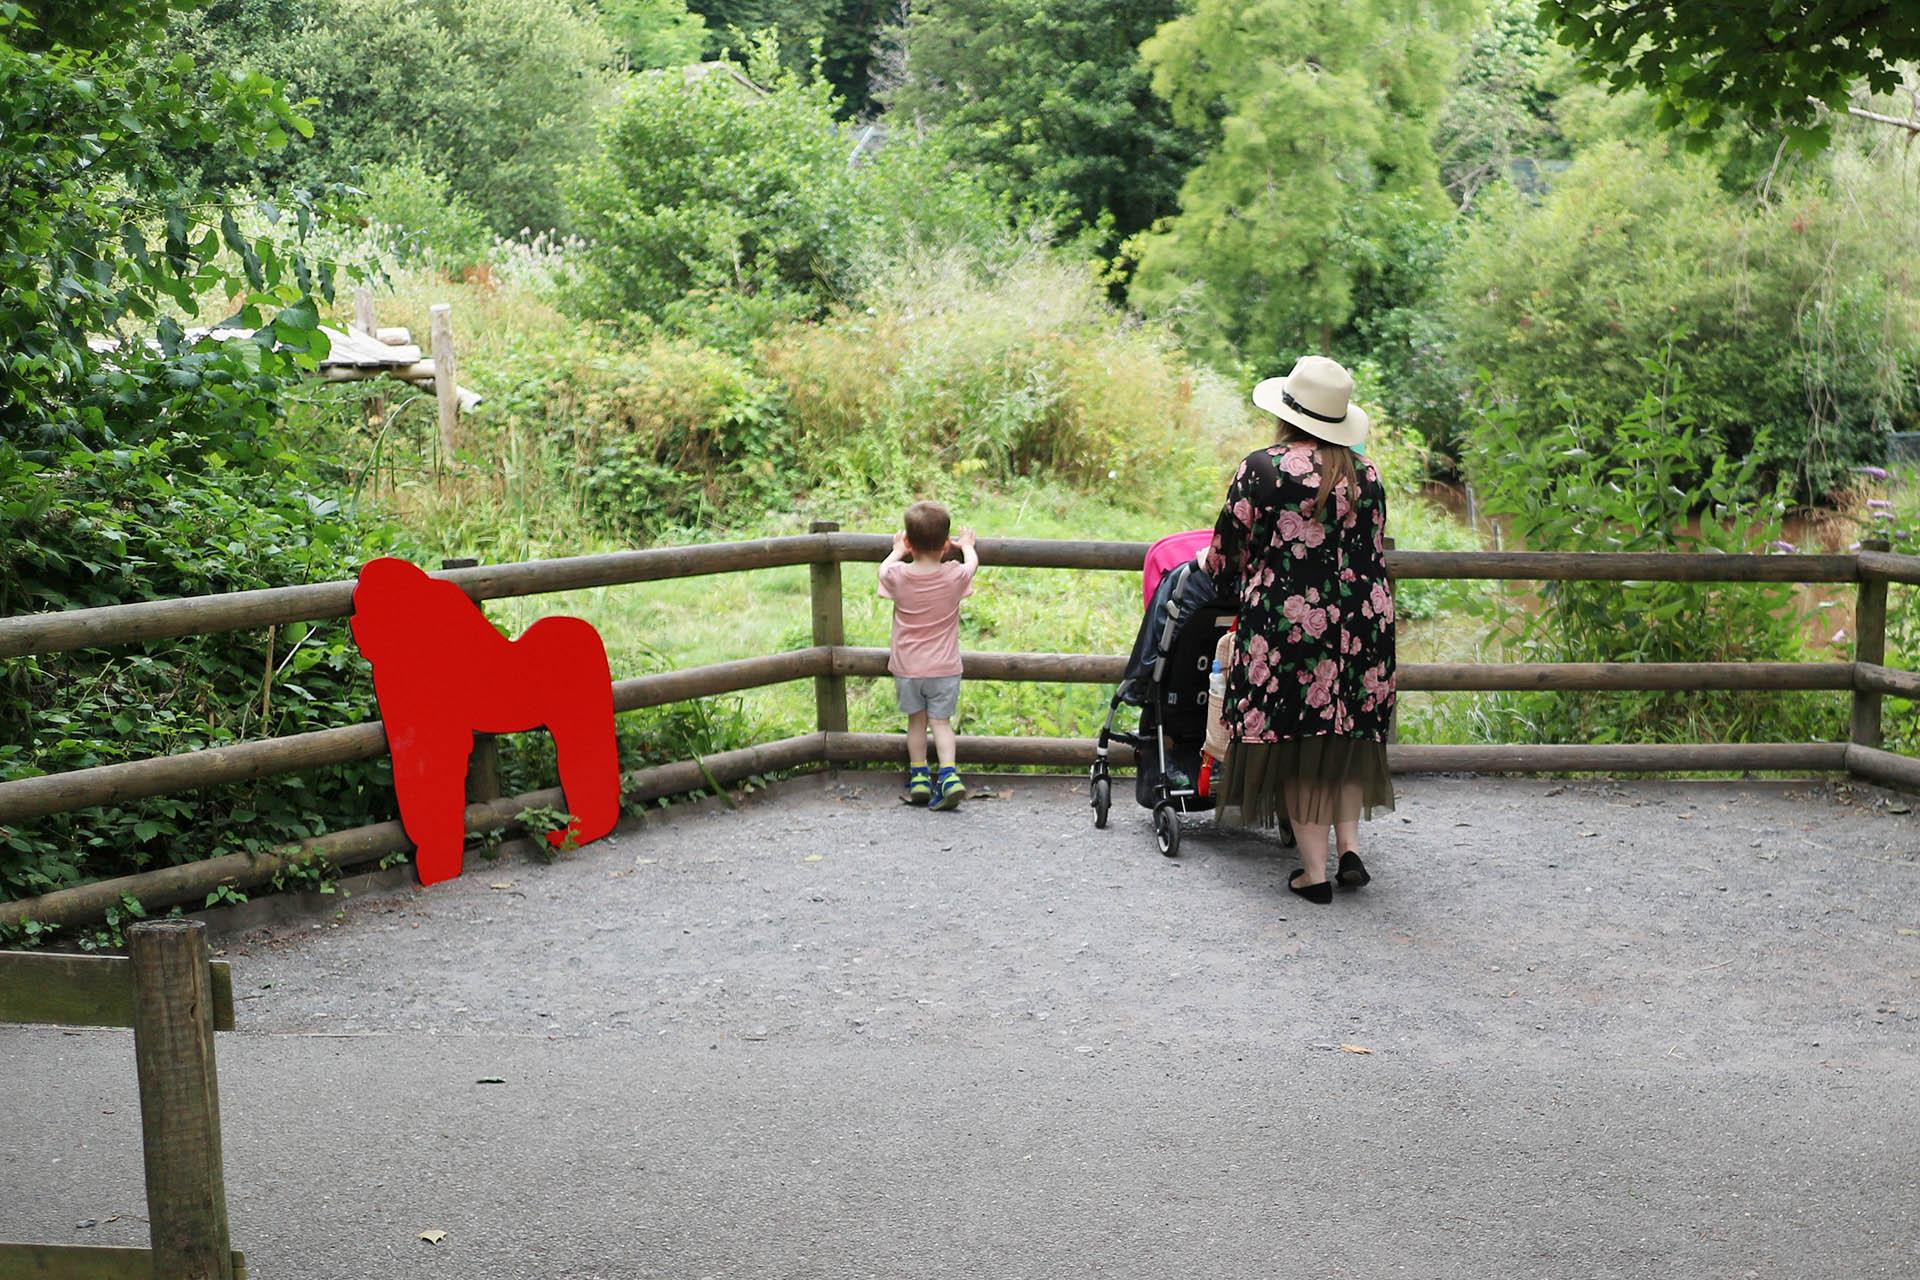 Trip to Paignton Zoo